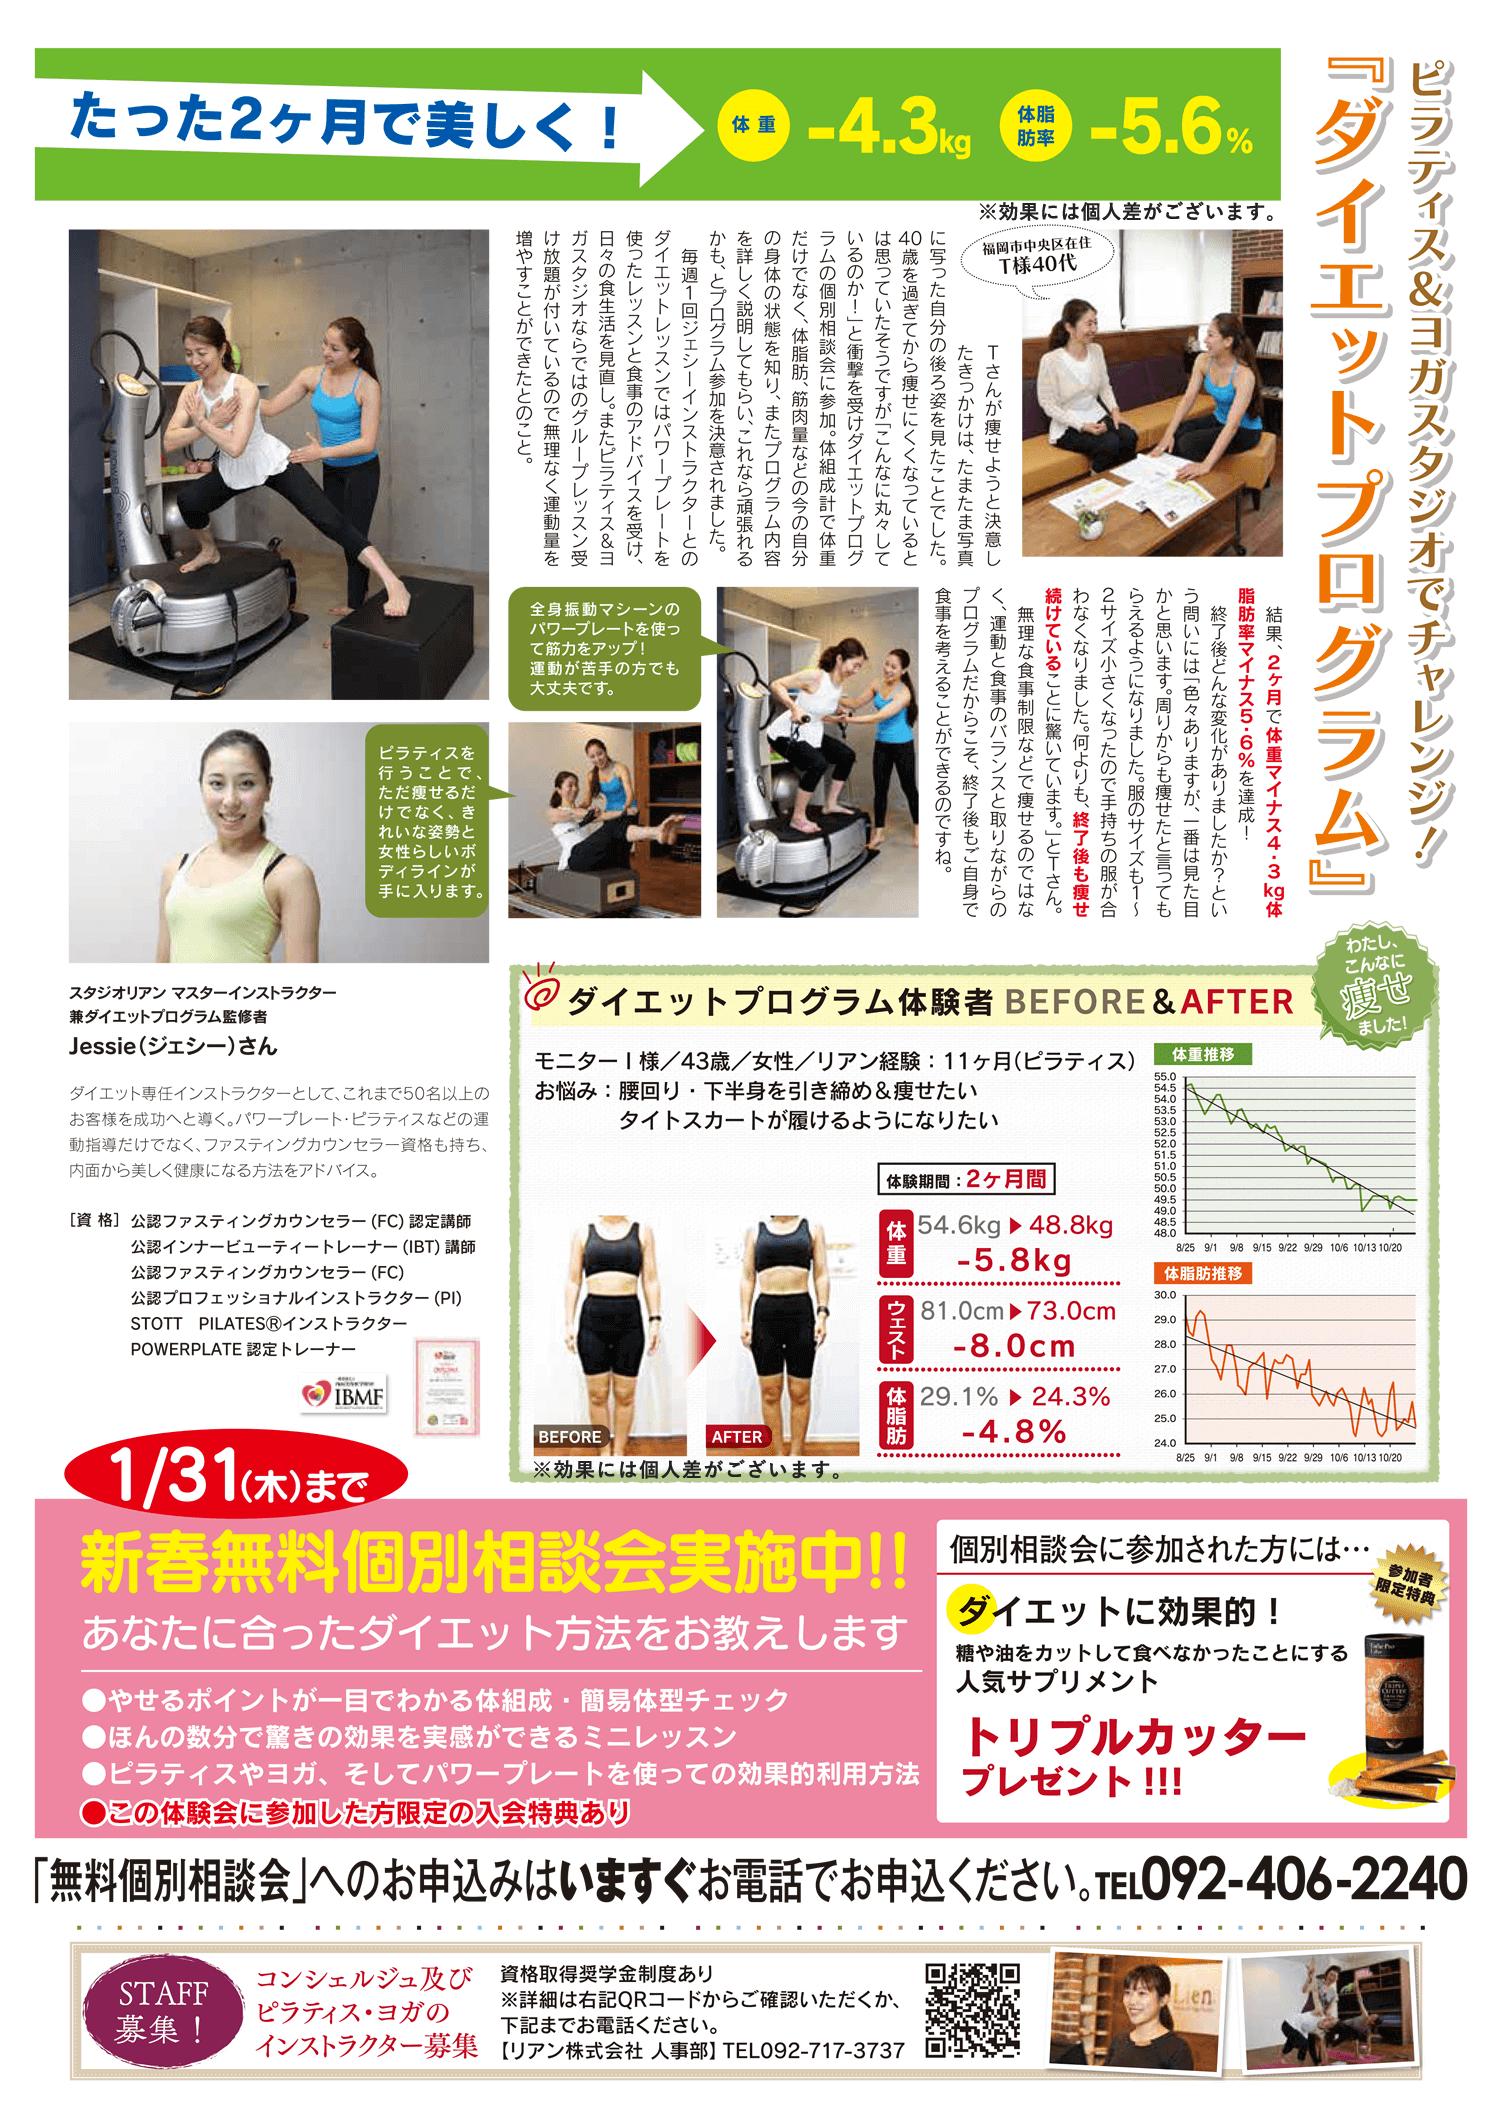 リアンダイエットプログラム 新春無料個別相談会02